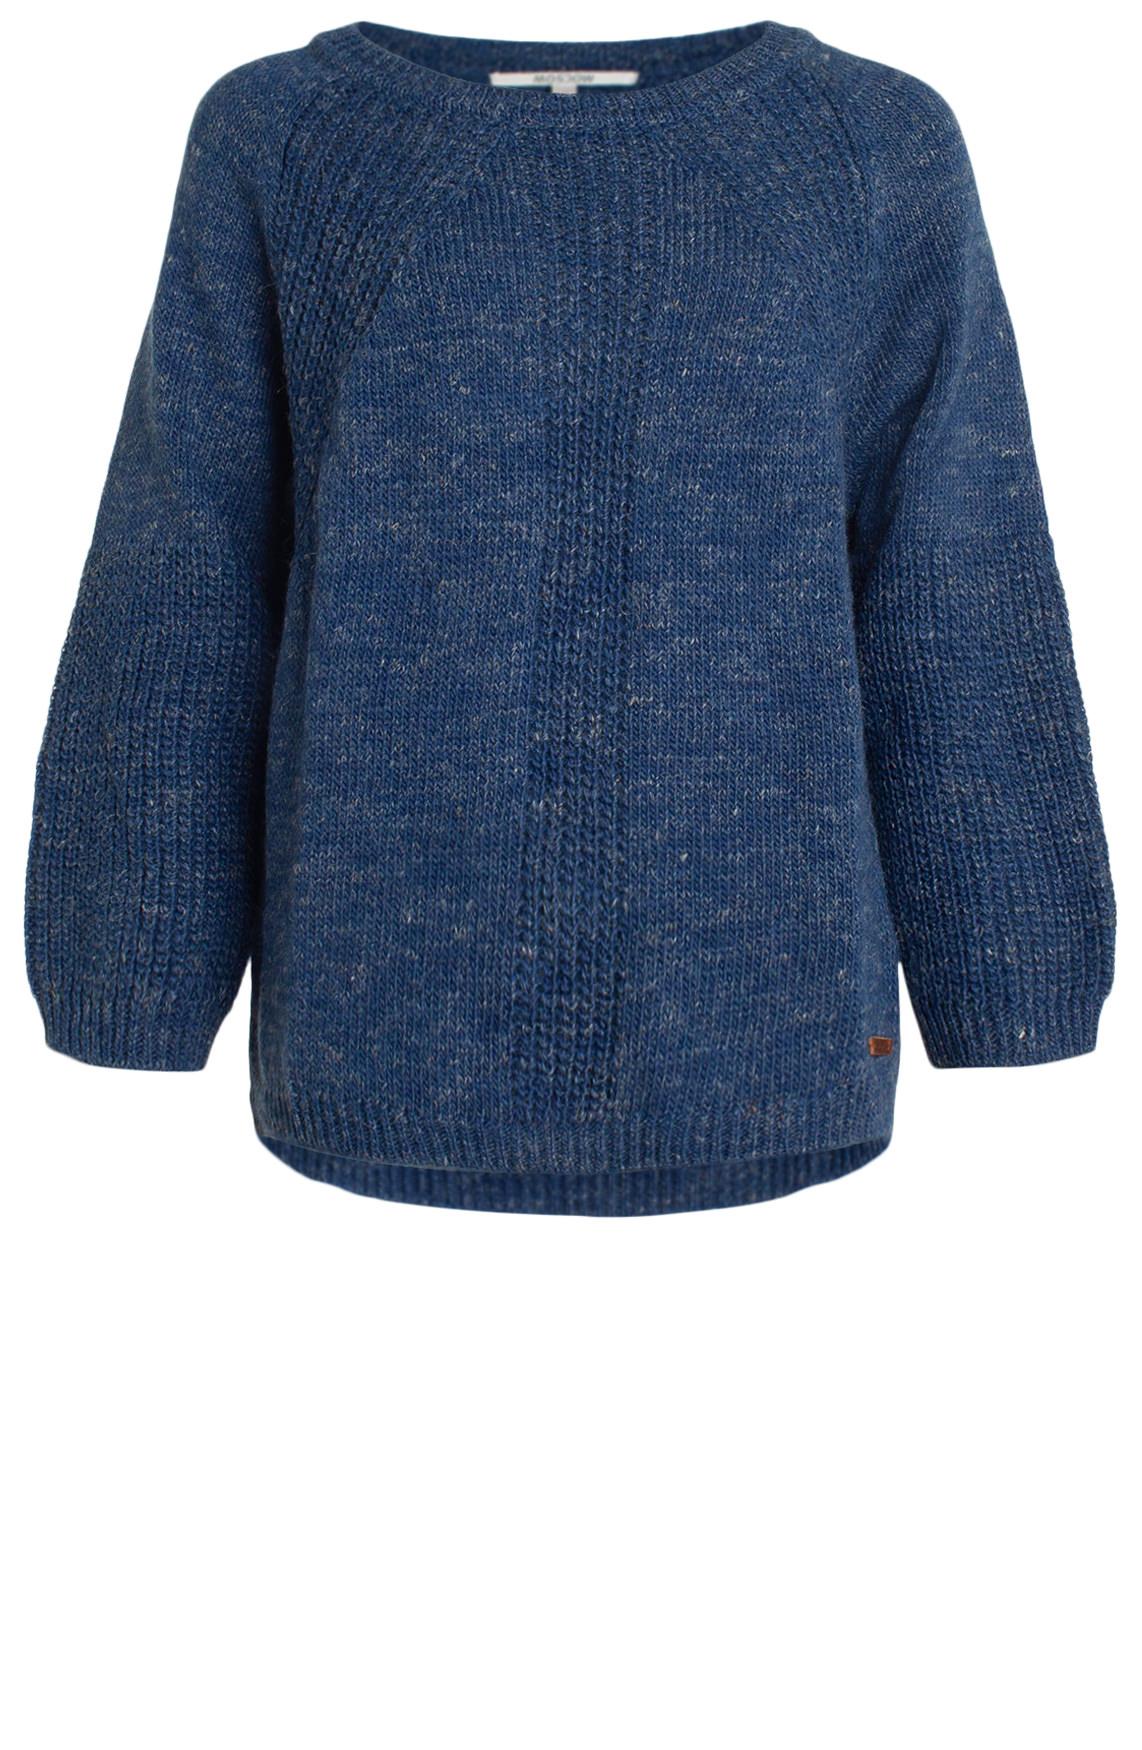 Moscow Dames Grofgebreide pullover Blauw